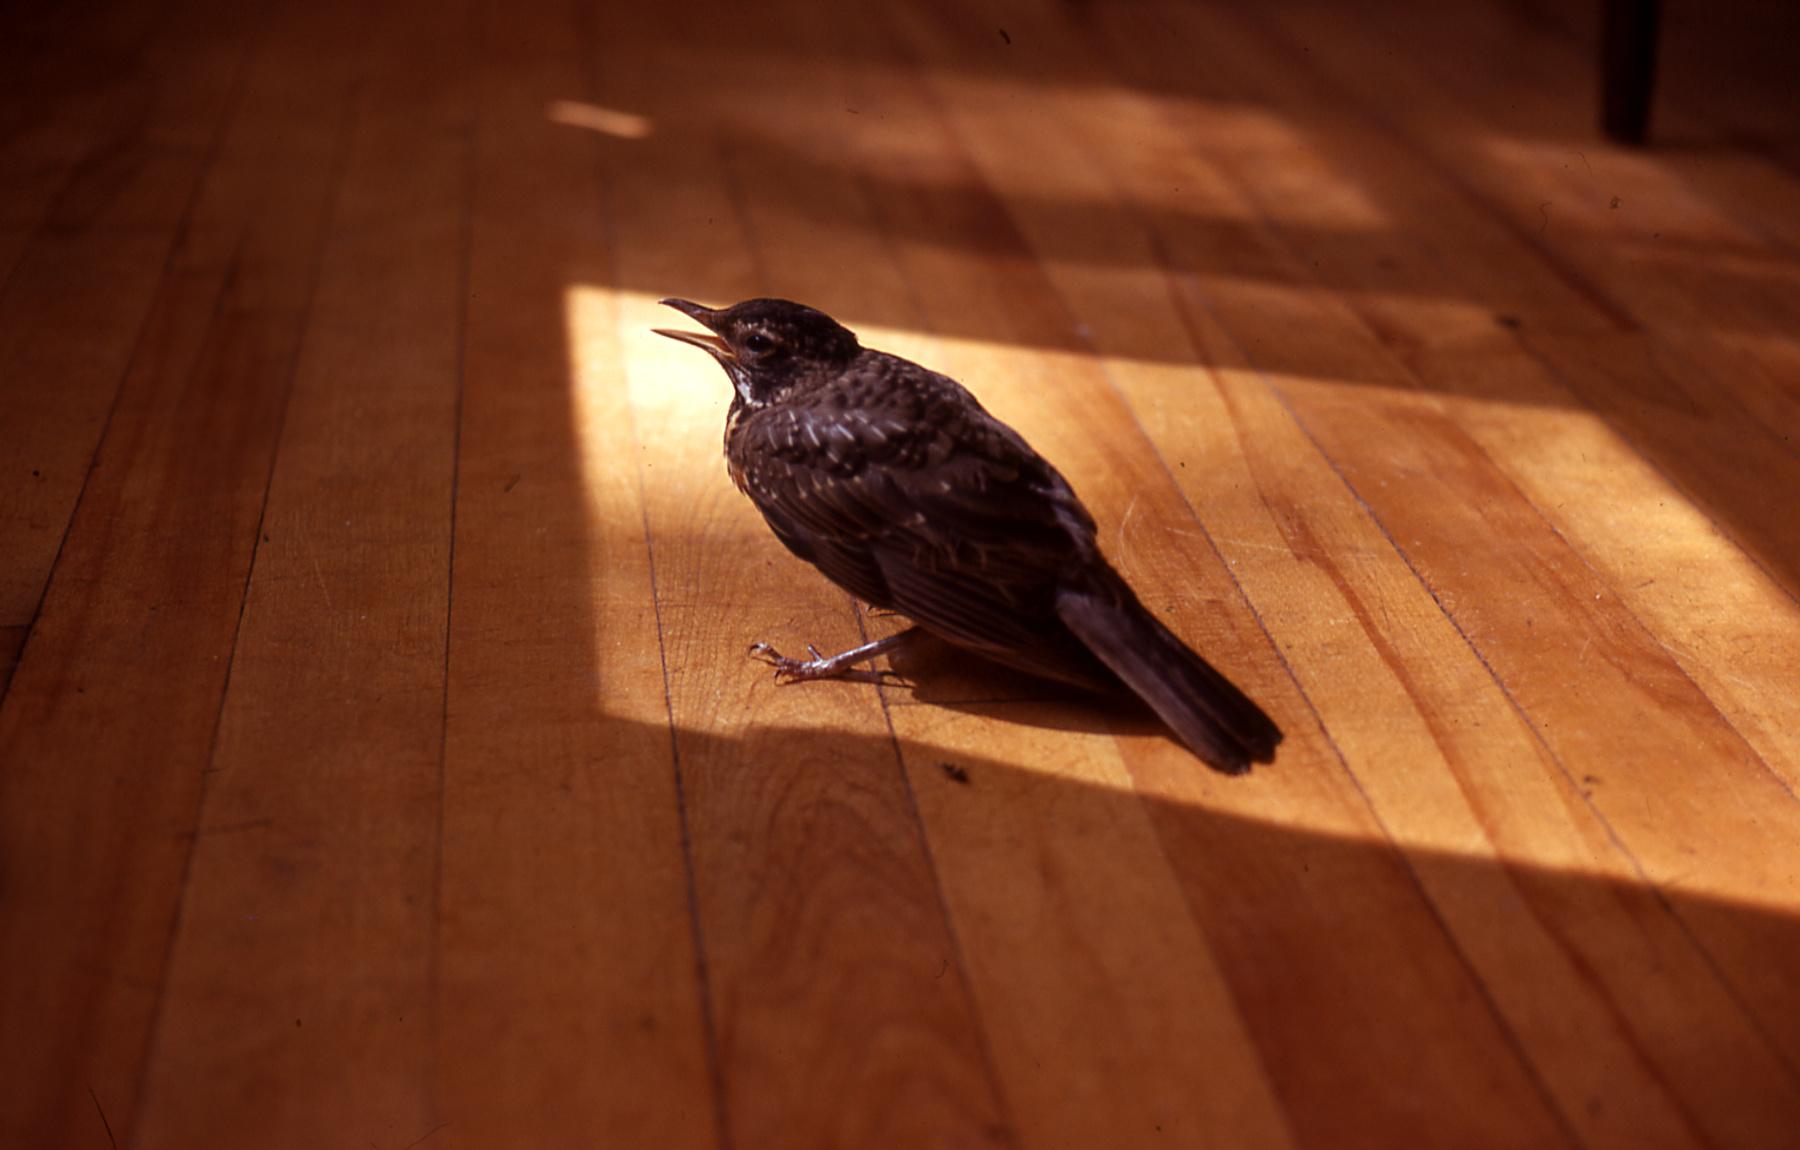 Hanover NH bird on floor